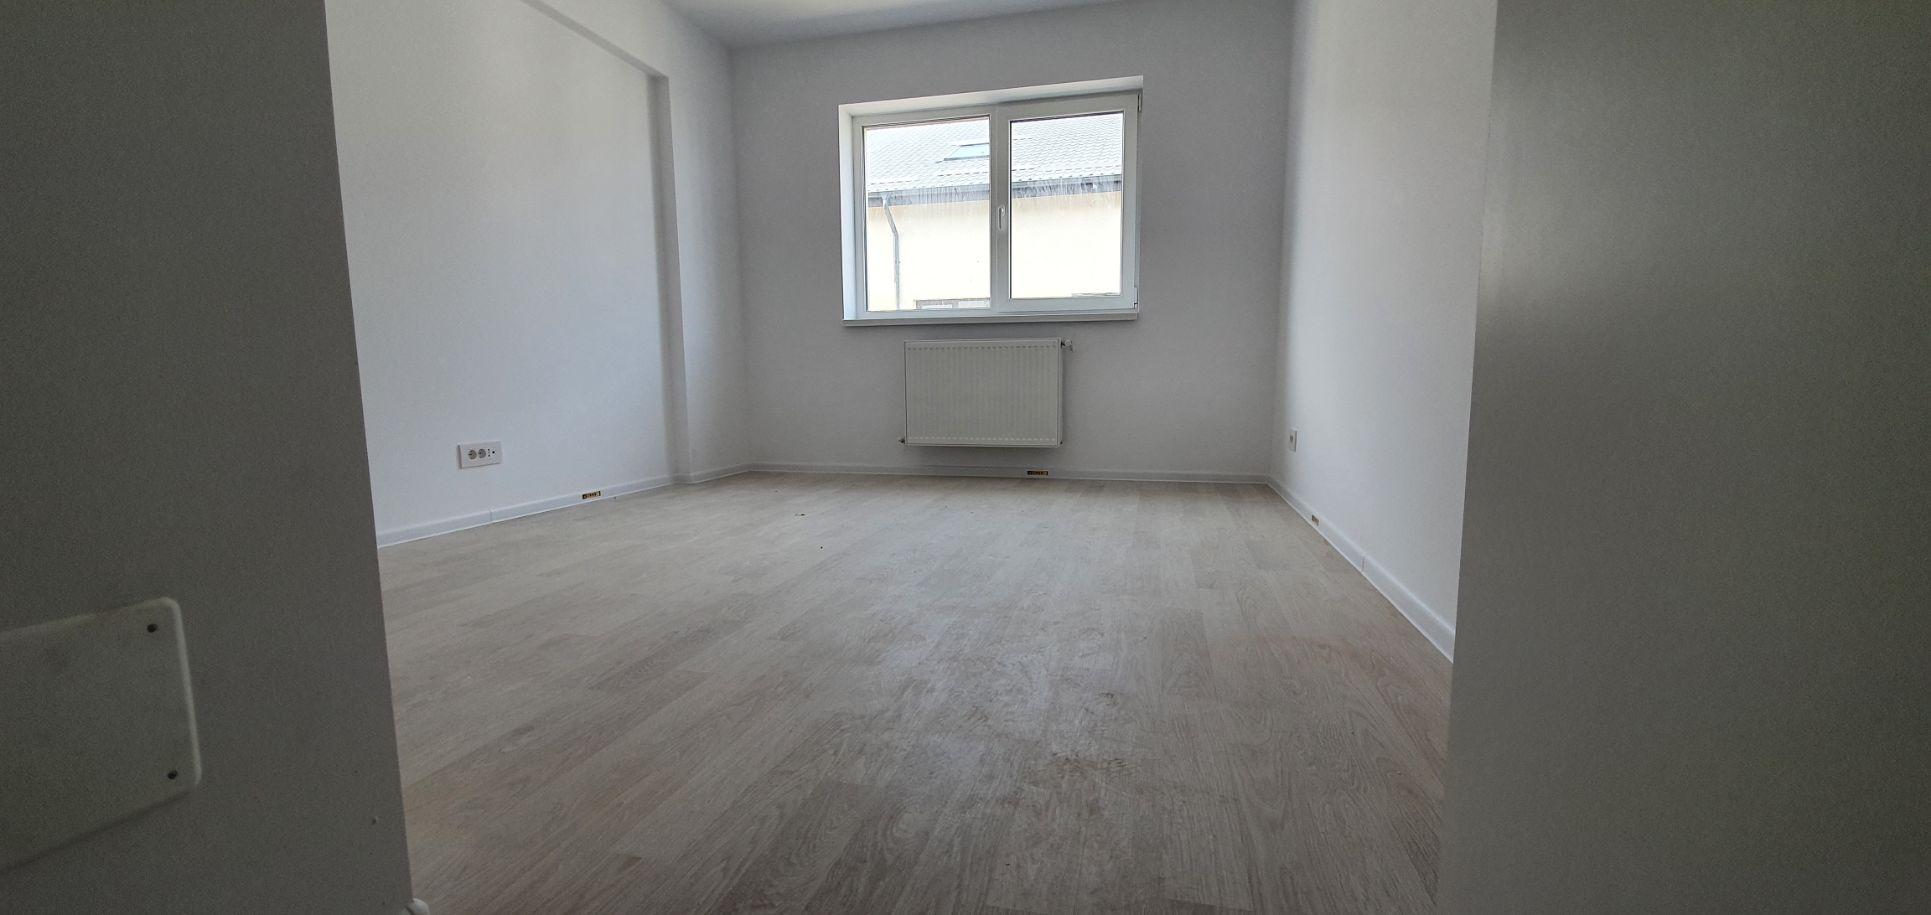 Bloc 2 - Etaj 2 - Apartament 15 - Dormitor